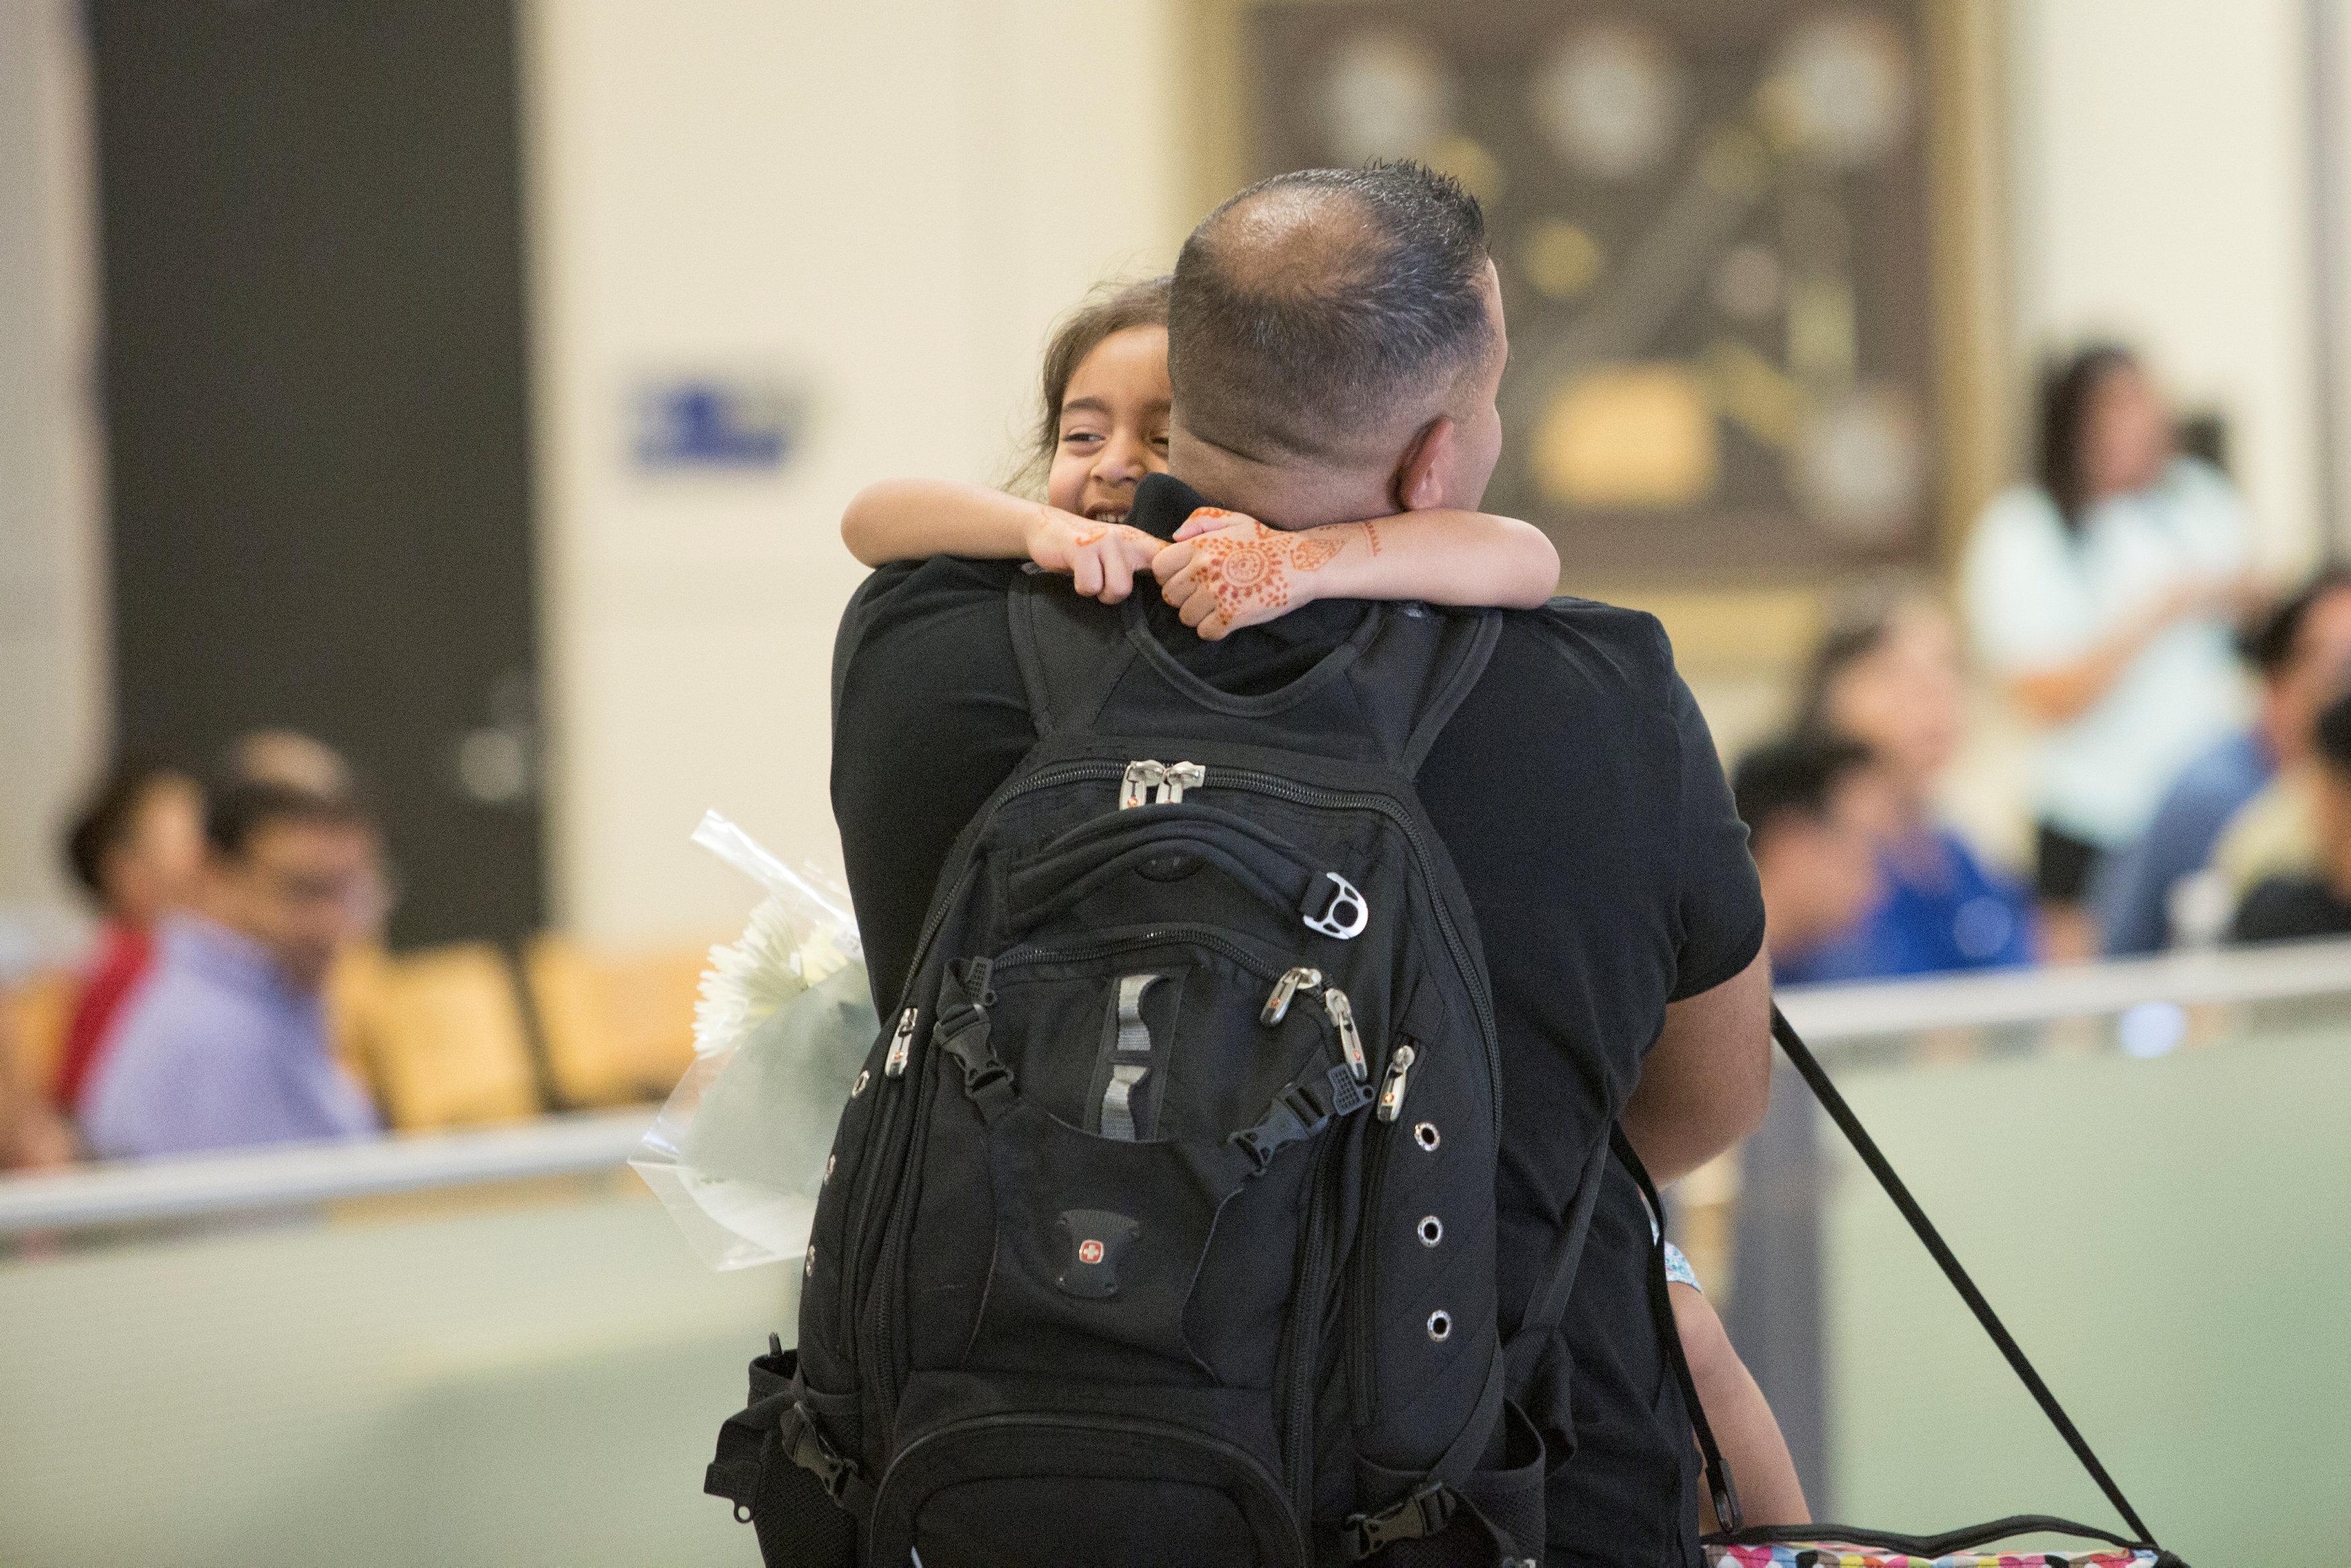 مهاجر يصل إلى الولايات المتحدةى